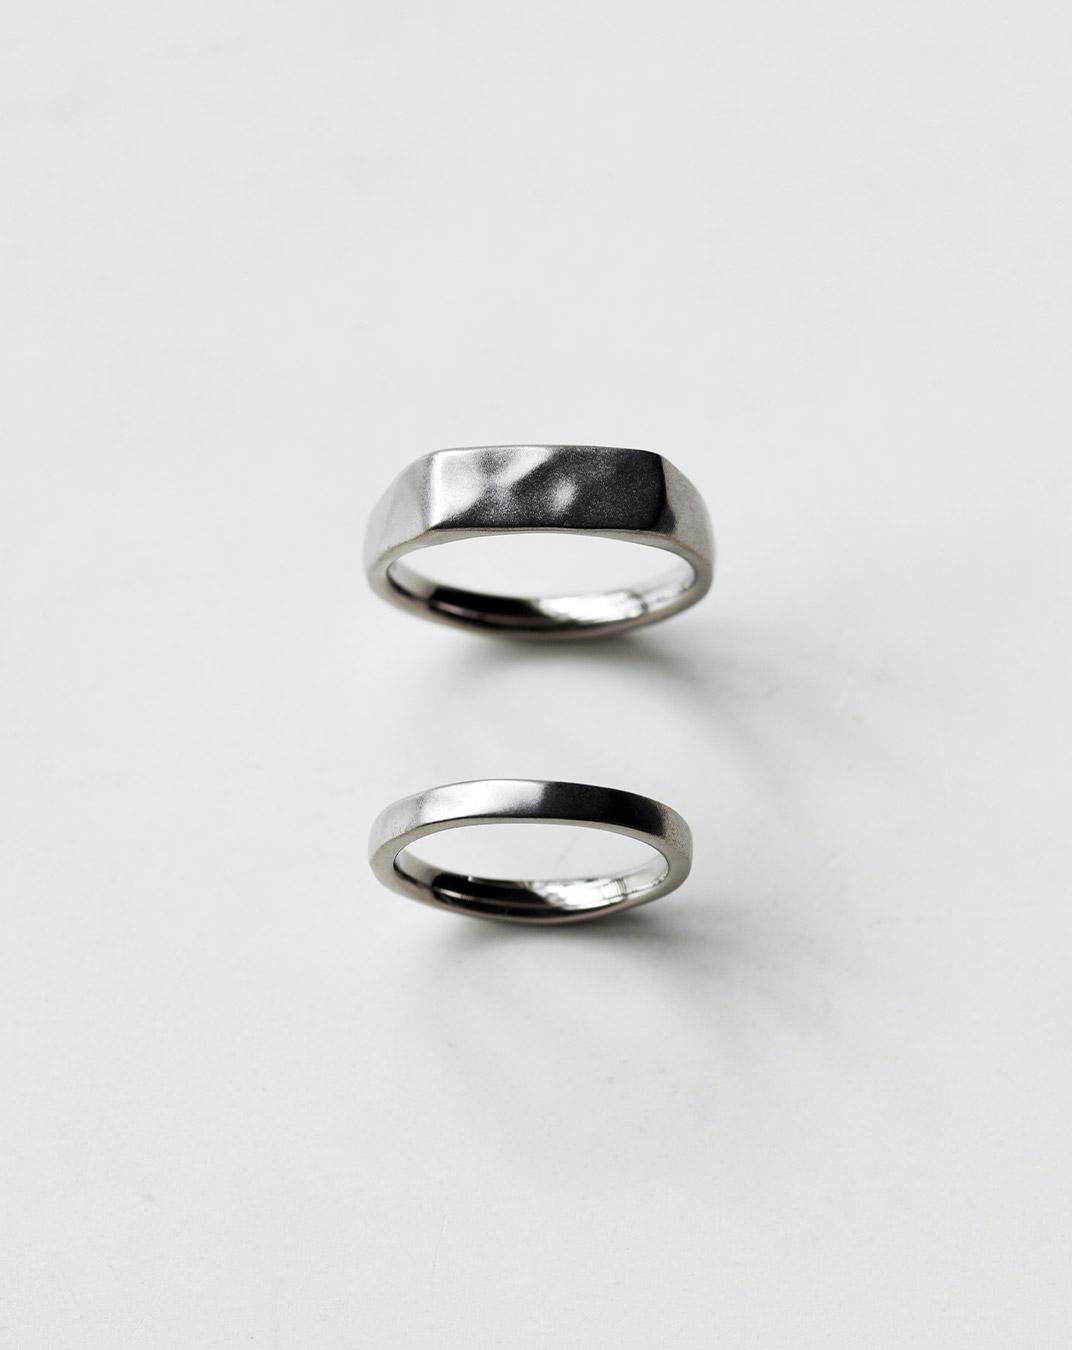 ファッションリングのような結婚指輪